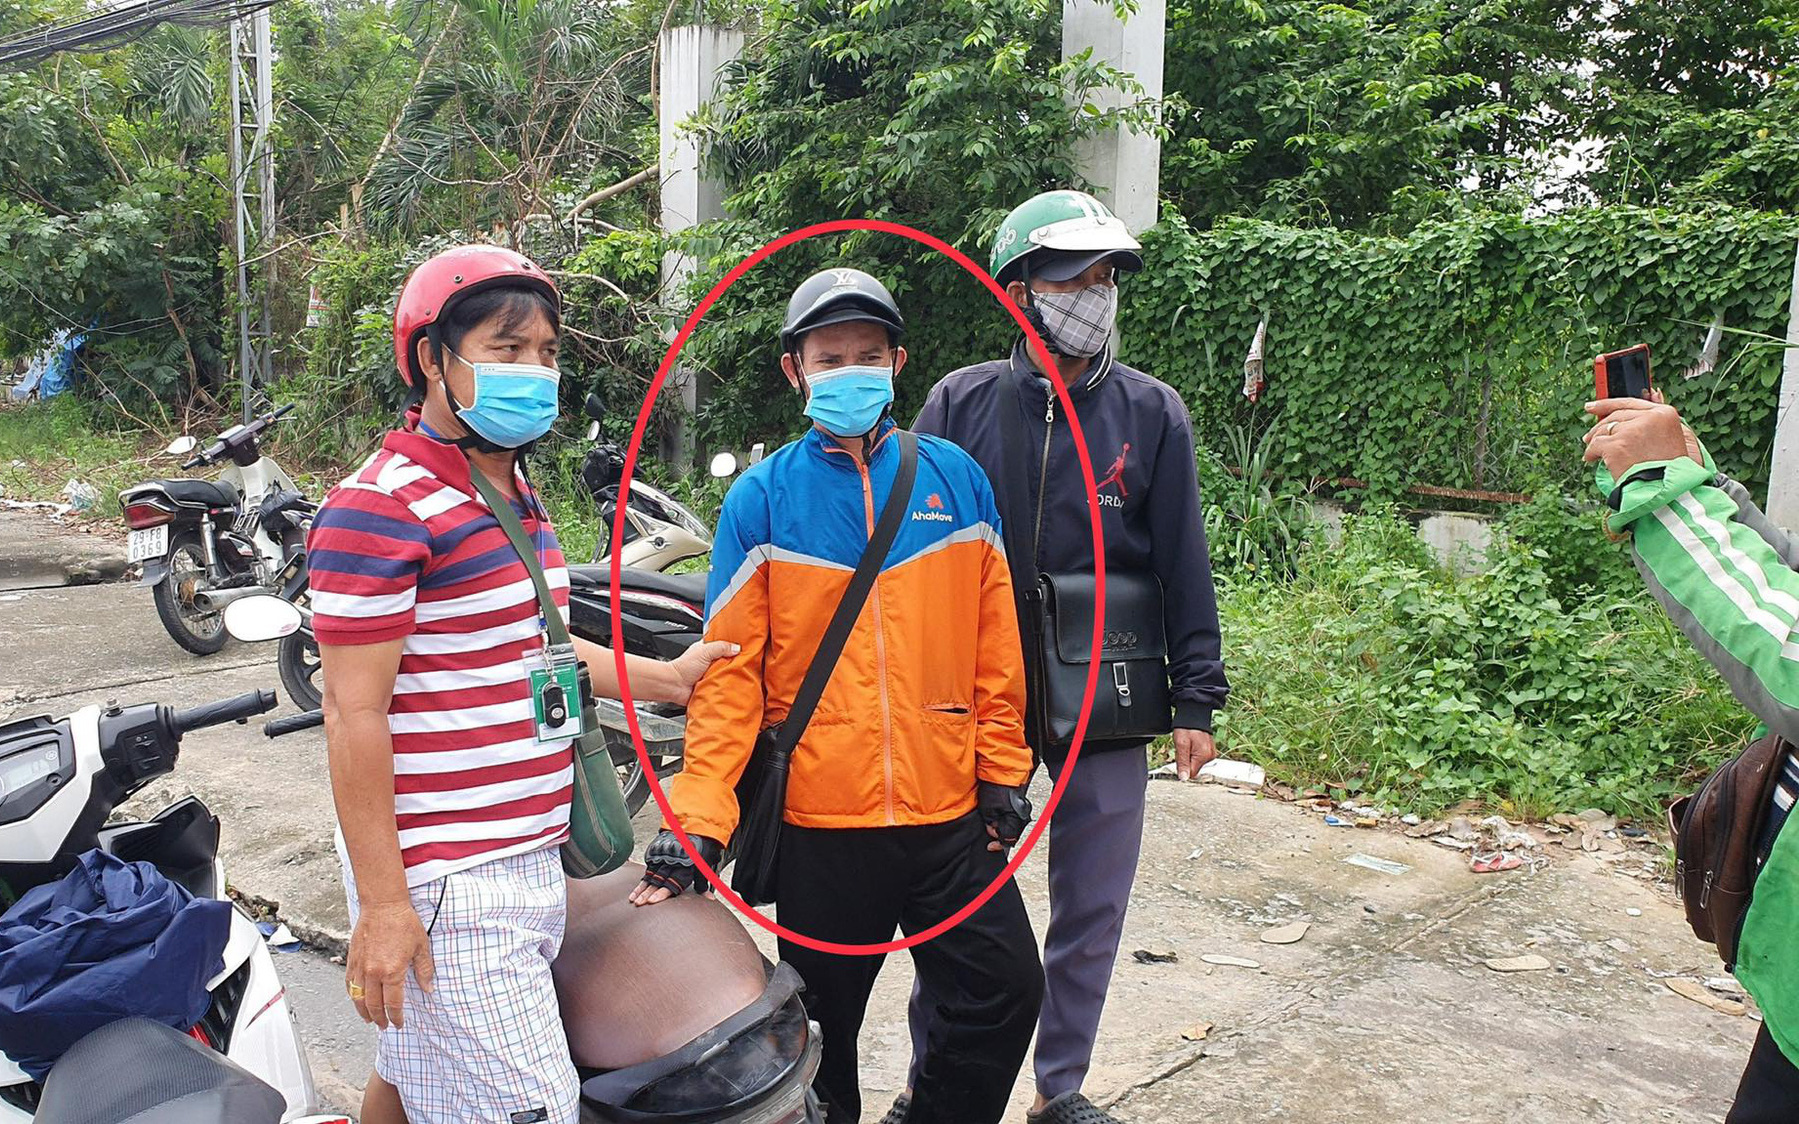 Bình Dương: Bắt được thanh niên mặc áo AhaMove trộm 300 triệu đồng của tài xế xe tải